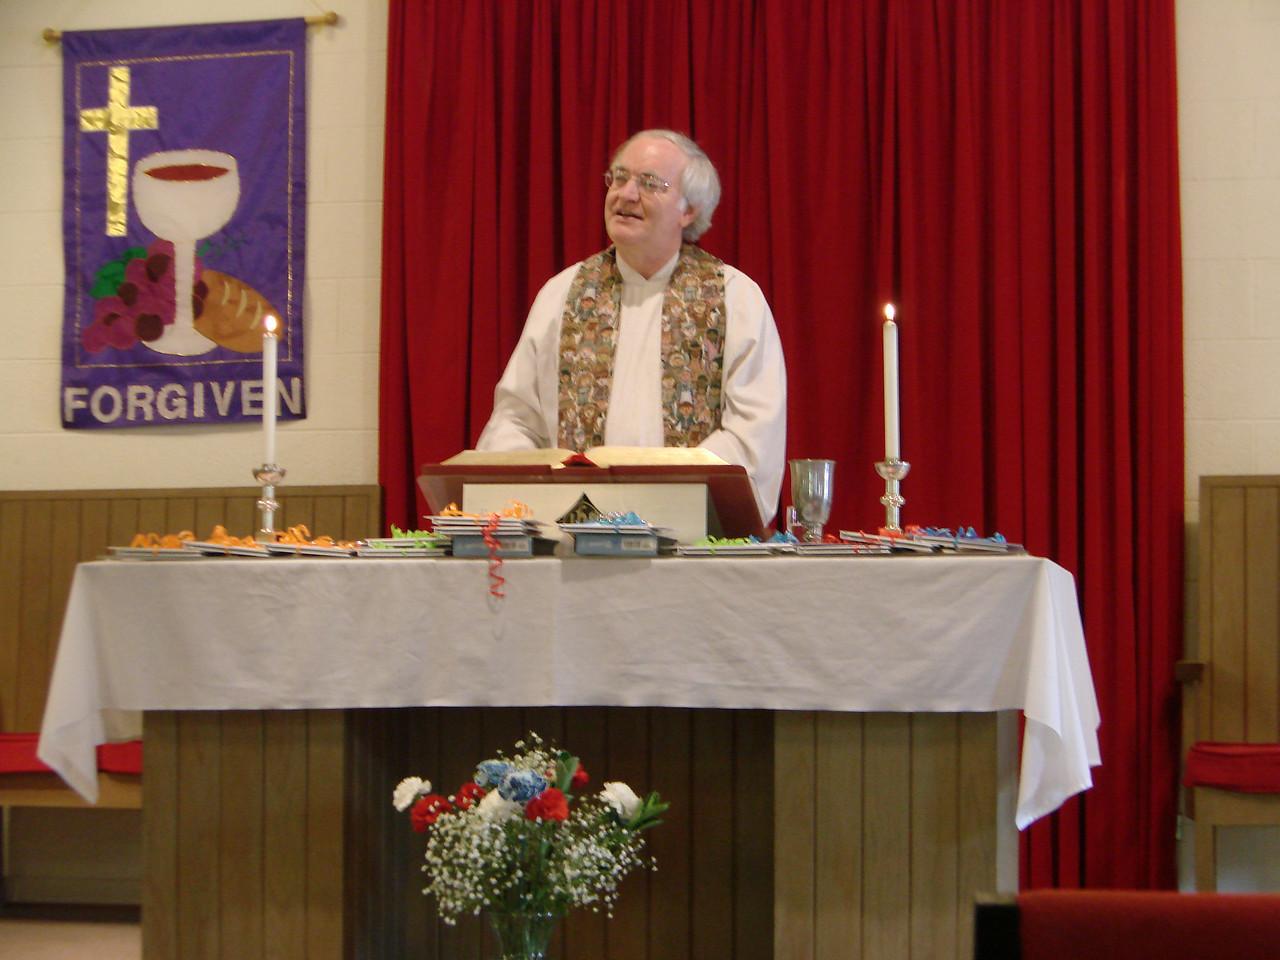 Inspiring preaching